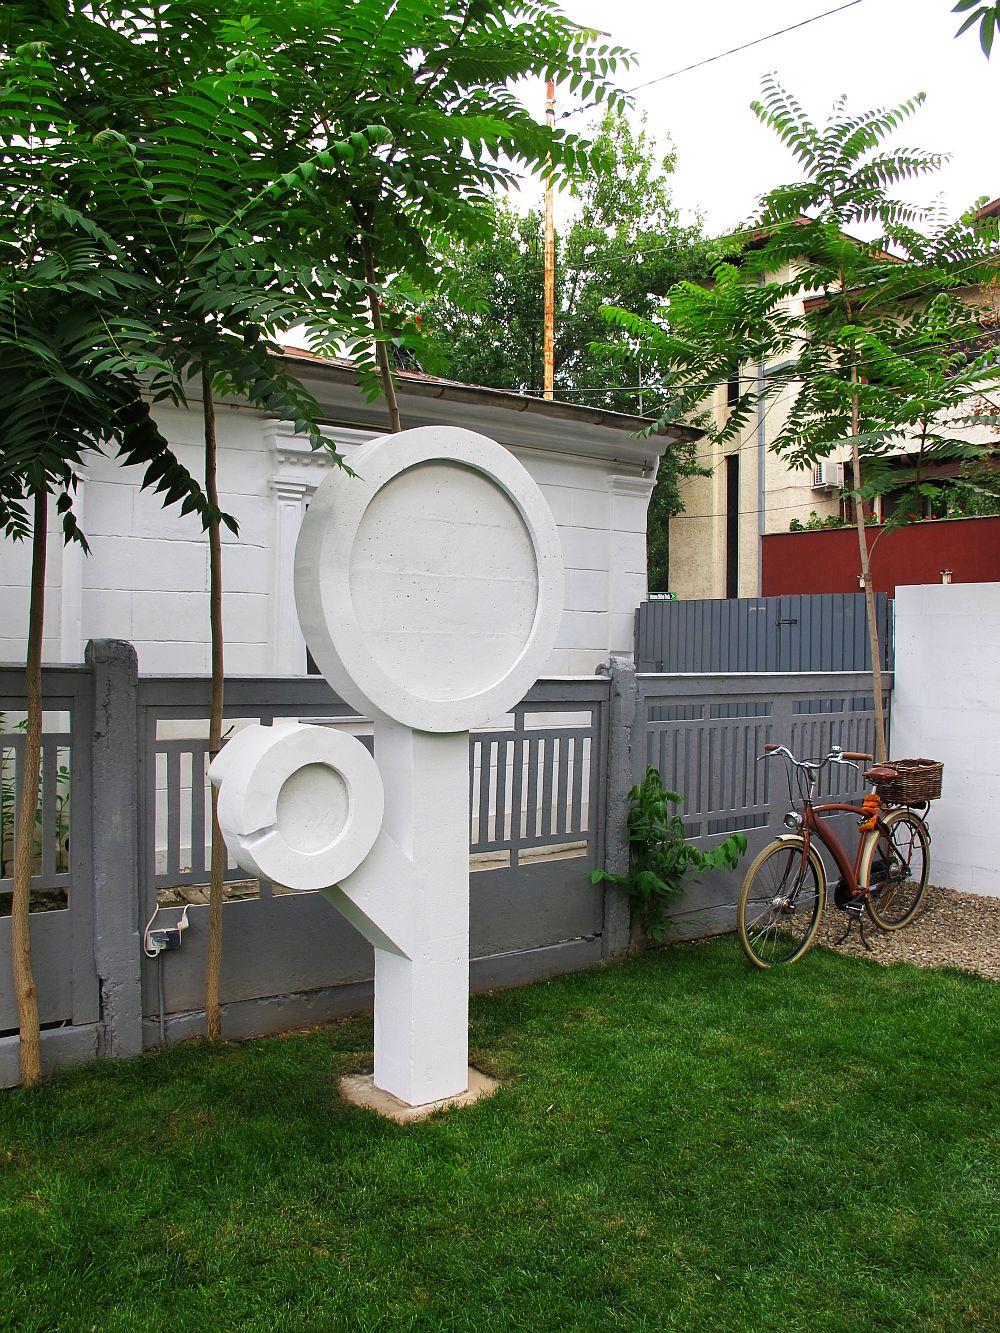 adelaparvu.com despre expozitie cu obiecte din BCA la SoLemn, designeri Anca Fetcu si Cristina Curelea (3)